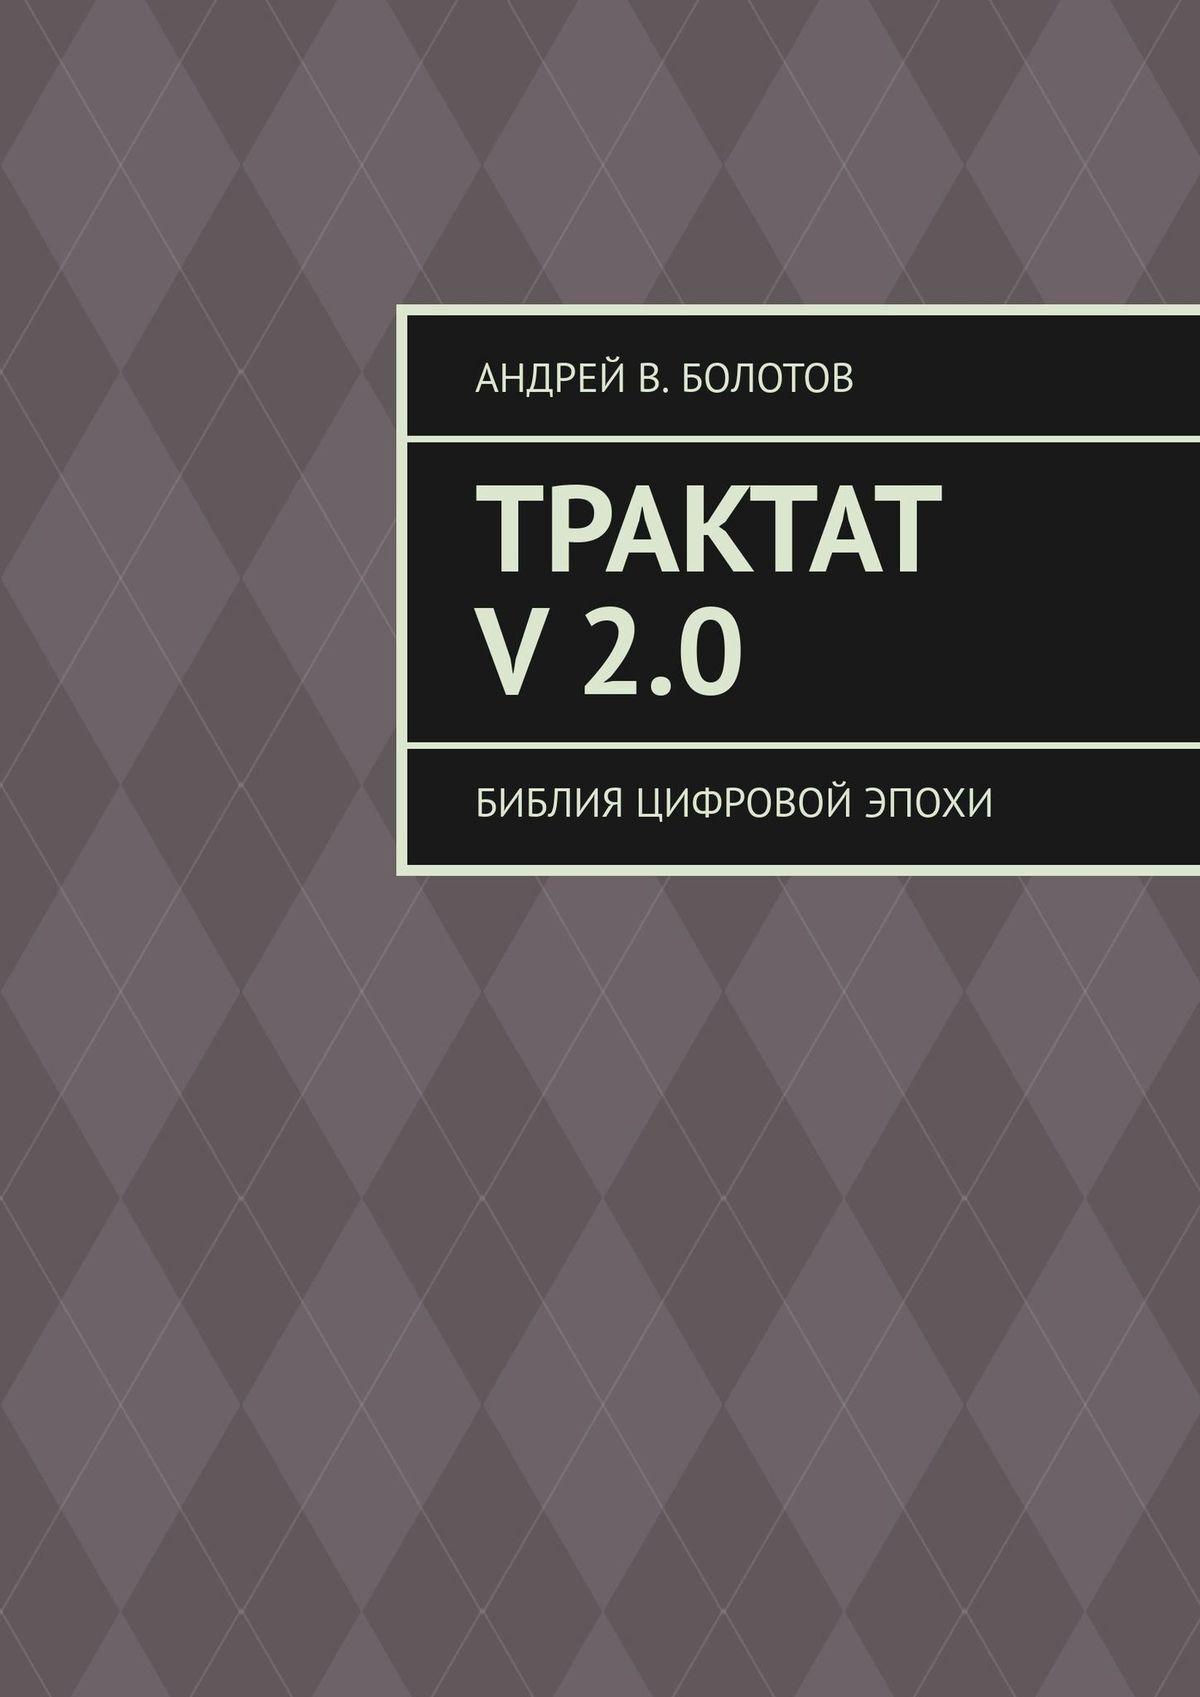 Трактат v2.0. Библия цифровой эпохи